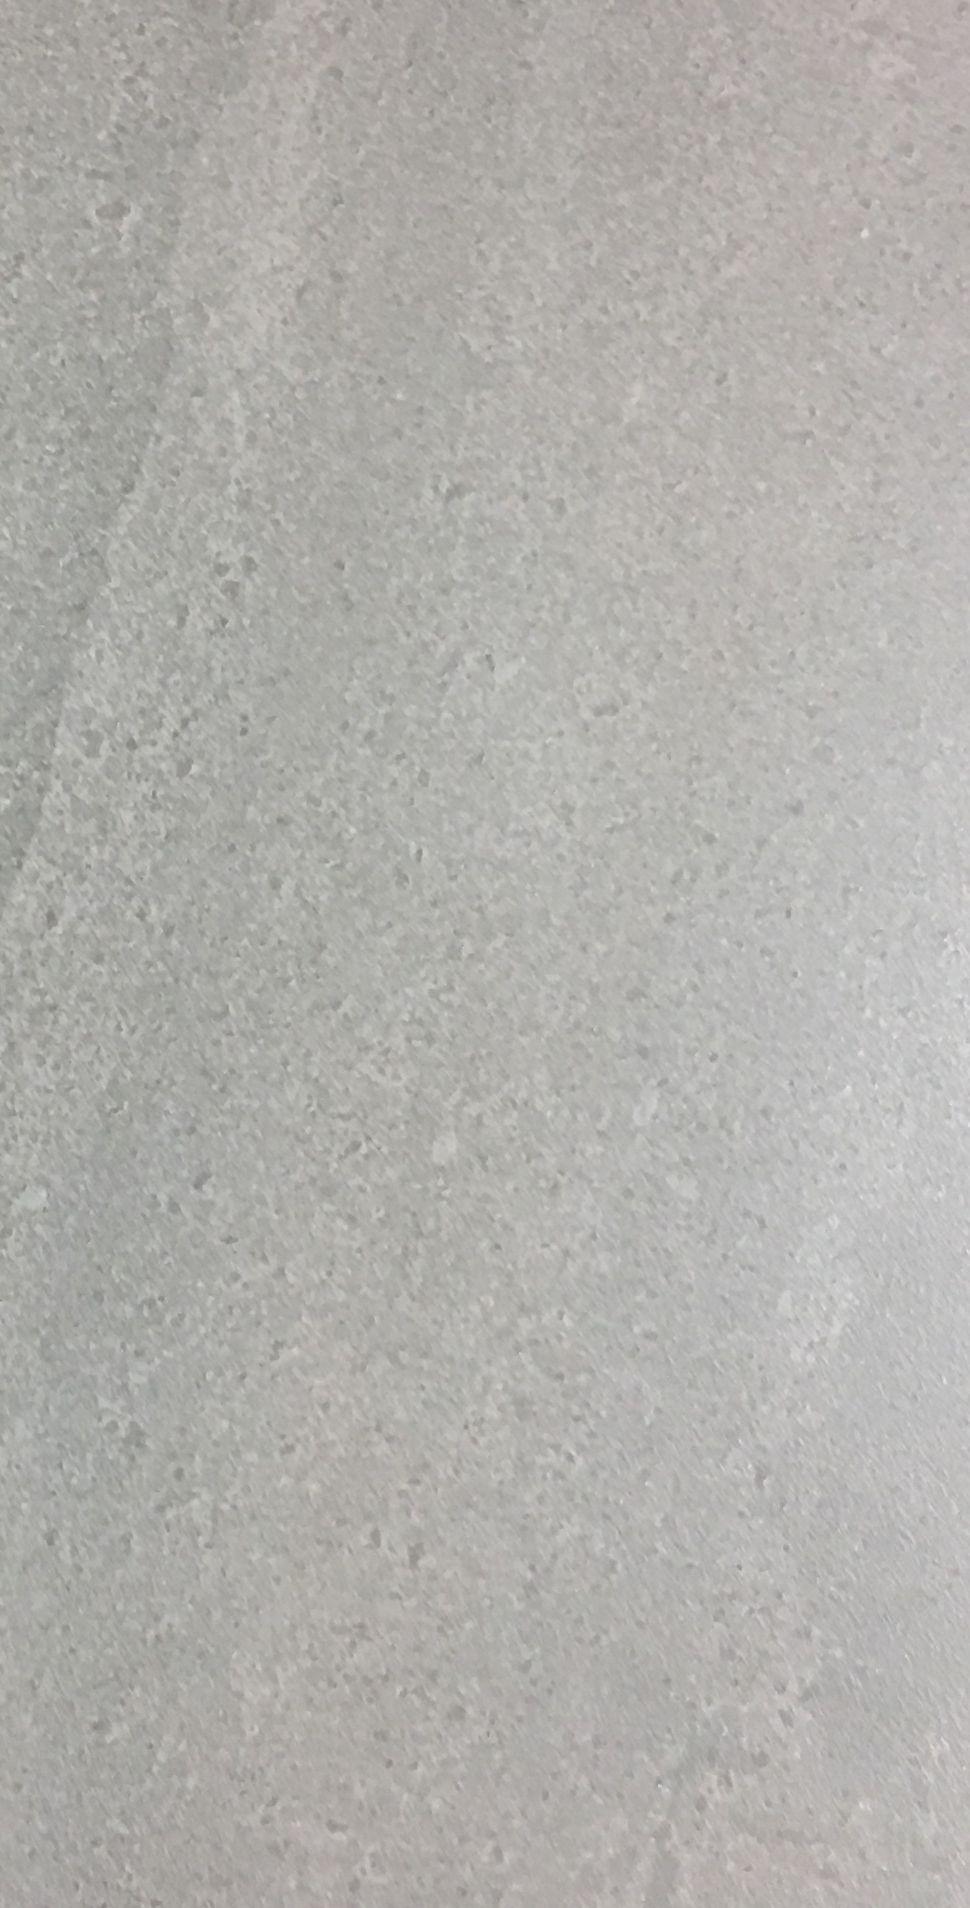 Level 6 Tile 12 X 24 Granite Falls Luxury Gray Matte From Garage Door Thru Kitchen Master Bath Flooring Accent Strip Granite Falls Master Shower Granite